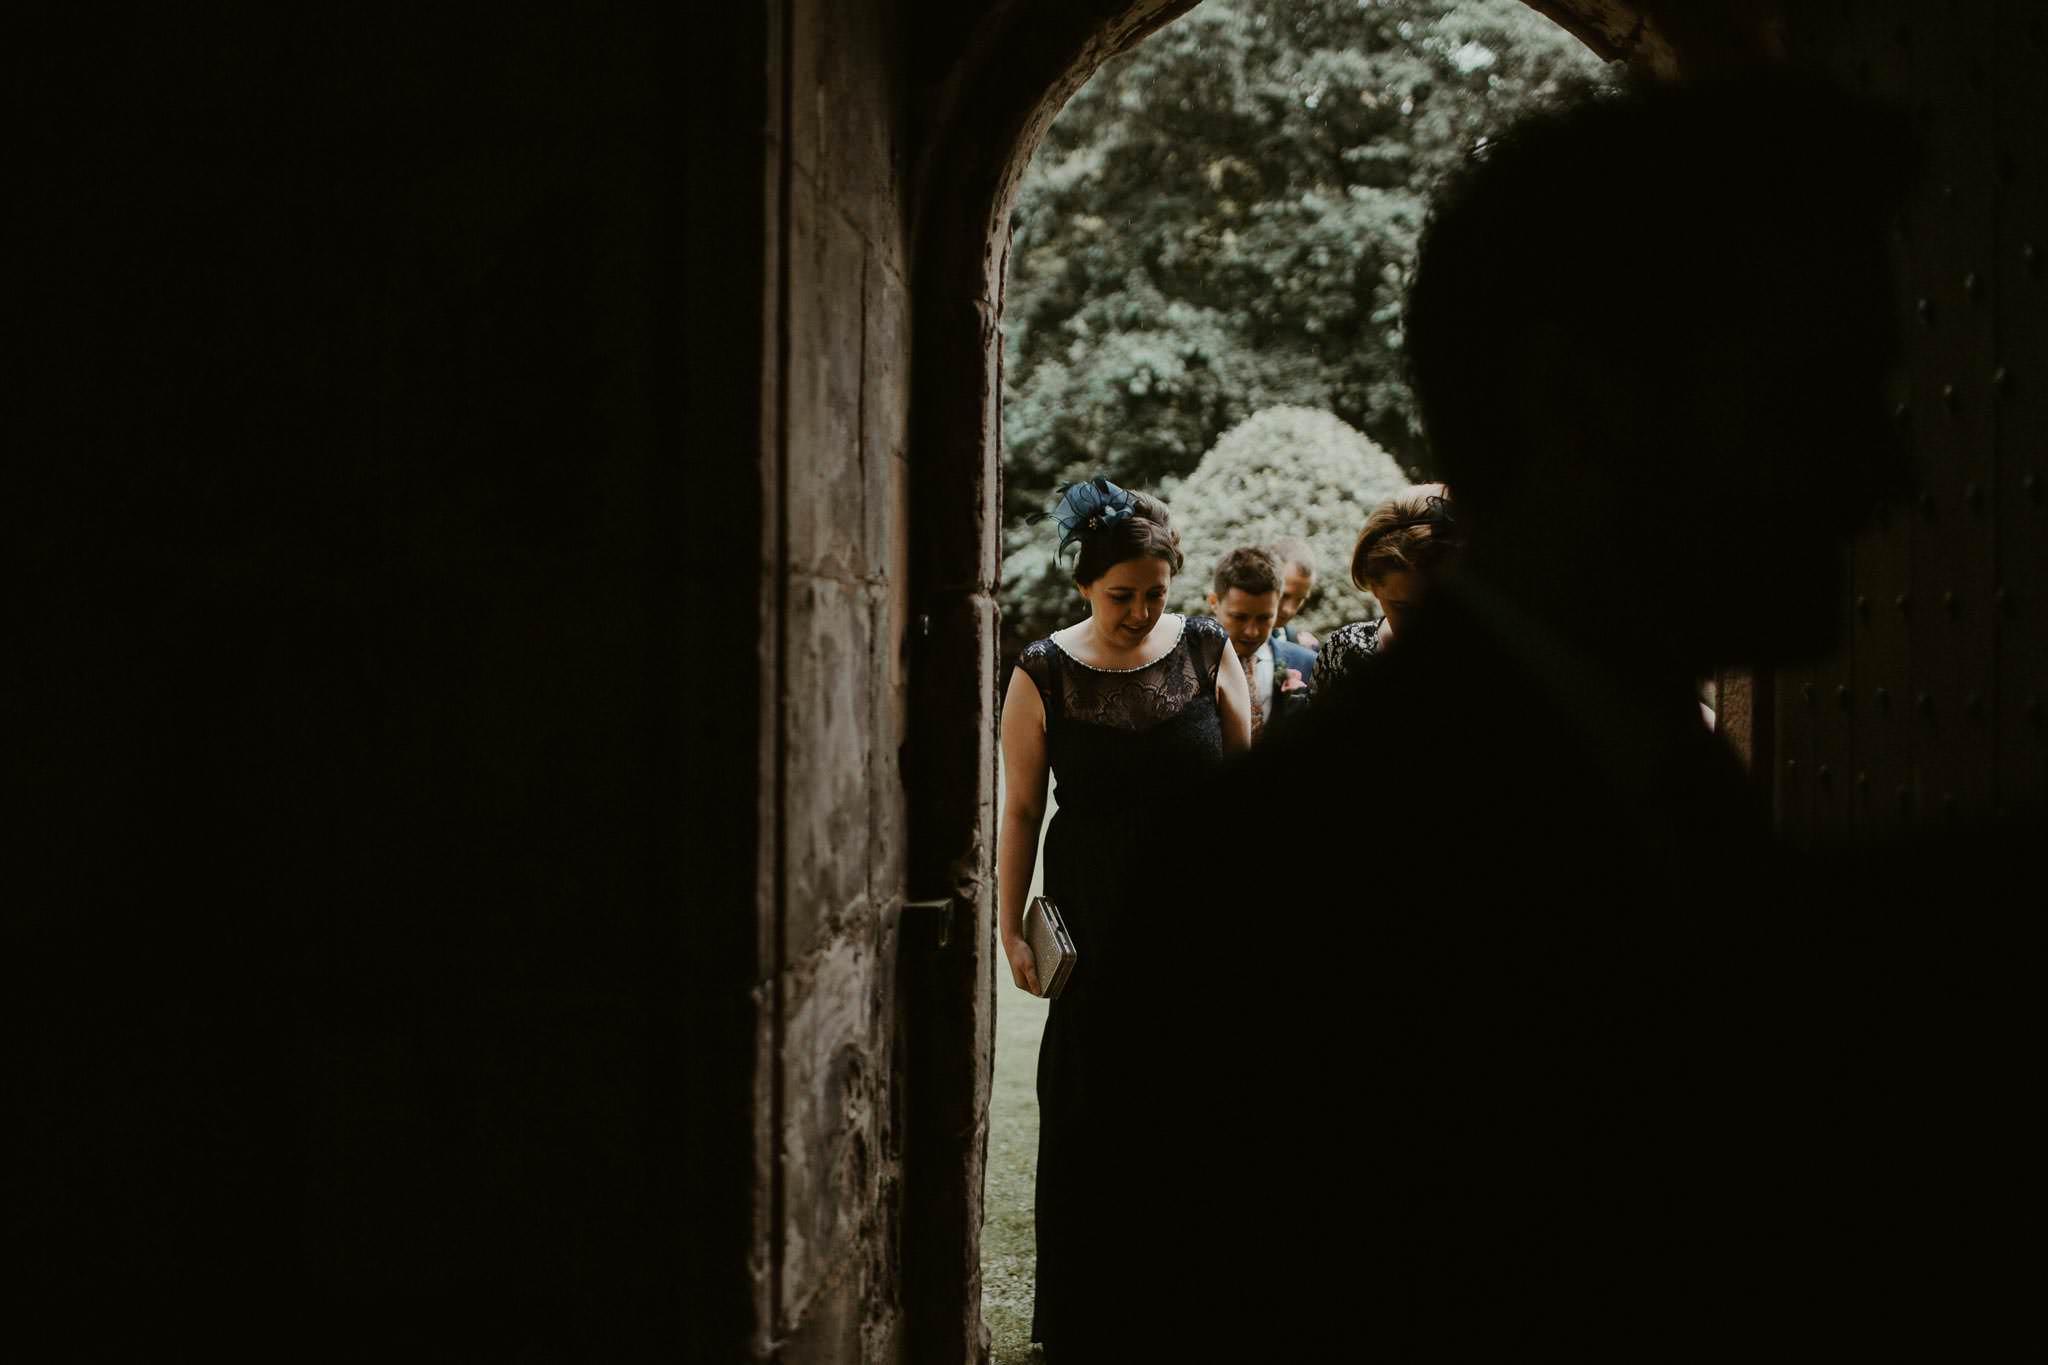 scottish-wedding-photography-035